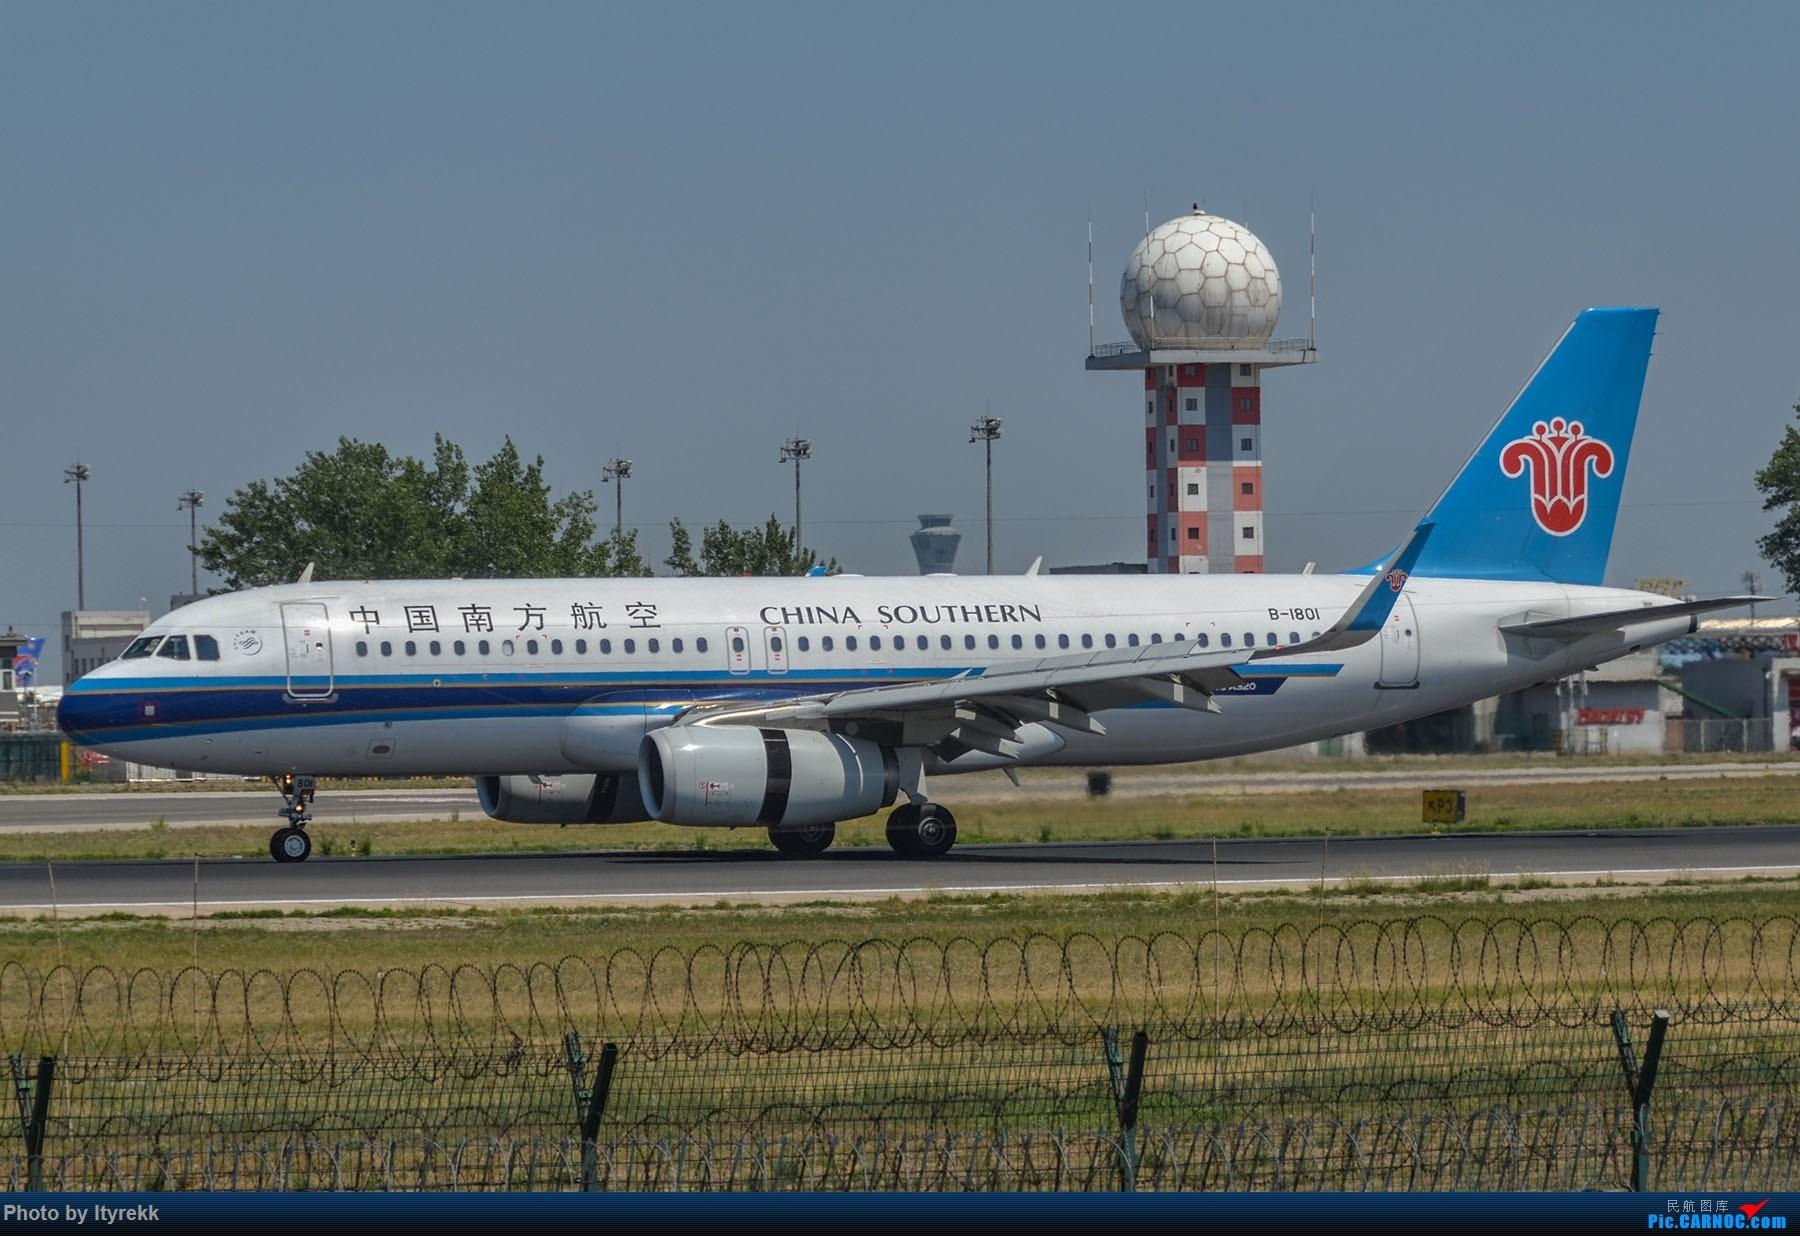 Re:[原创]很久没有发图了。PEK二十里铺的一下午 AIRBUS A320-200 B-1801 中国北京首都国际机场